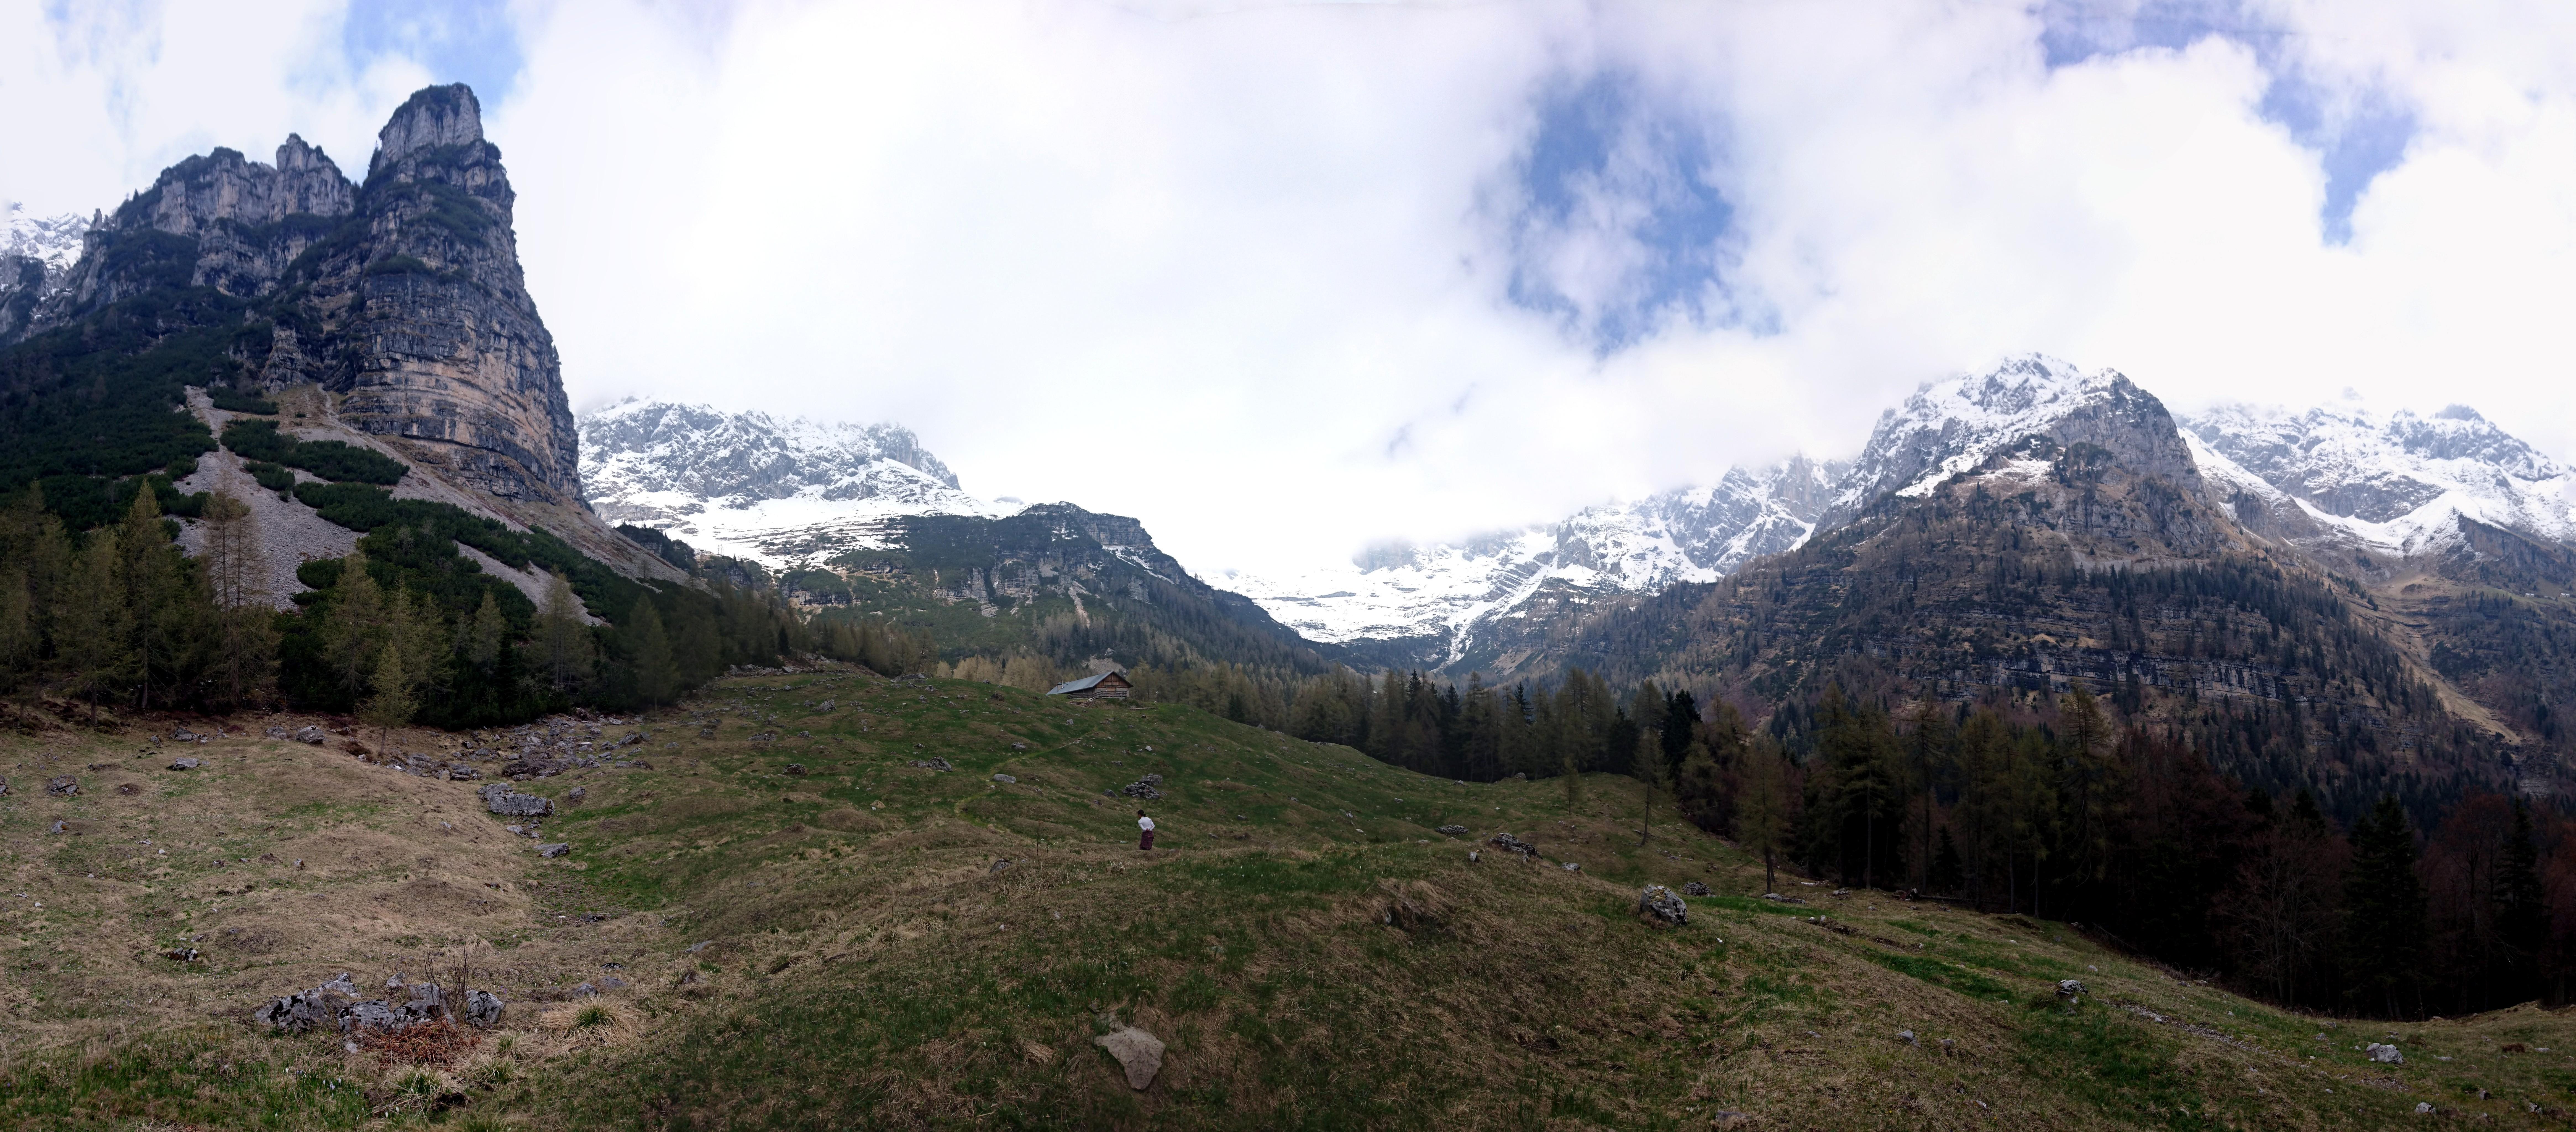 Eccoci allo splendido alpeggio della malga Senaso di sotto. Da qui si inizia a godere appieno del paesaggio alpino delle dolomiti